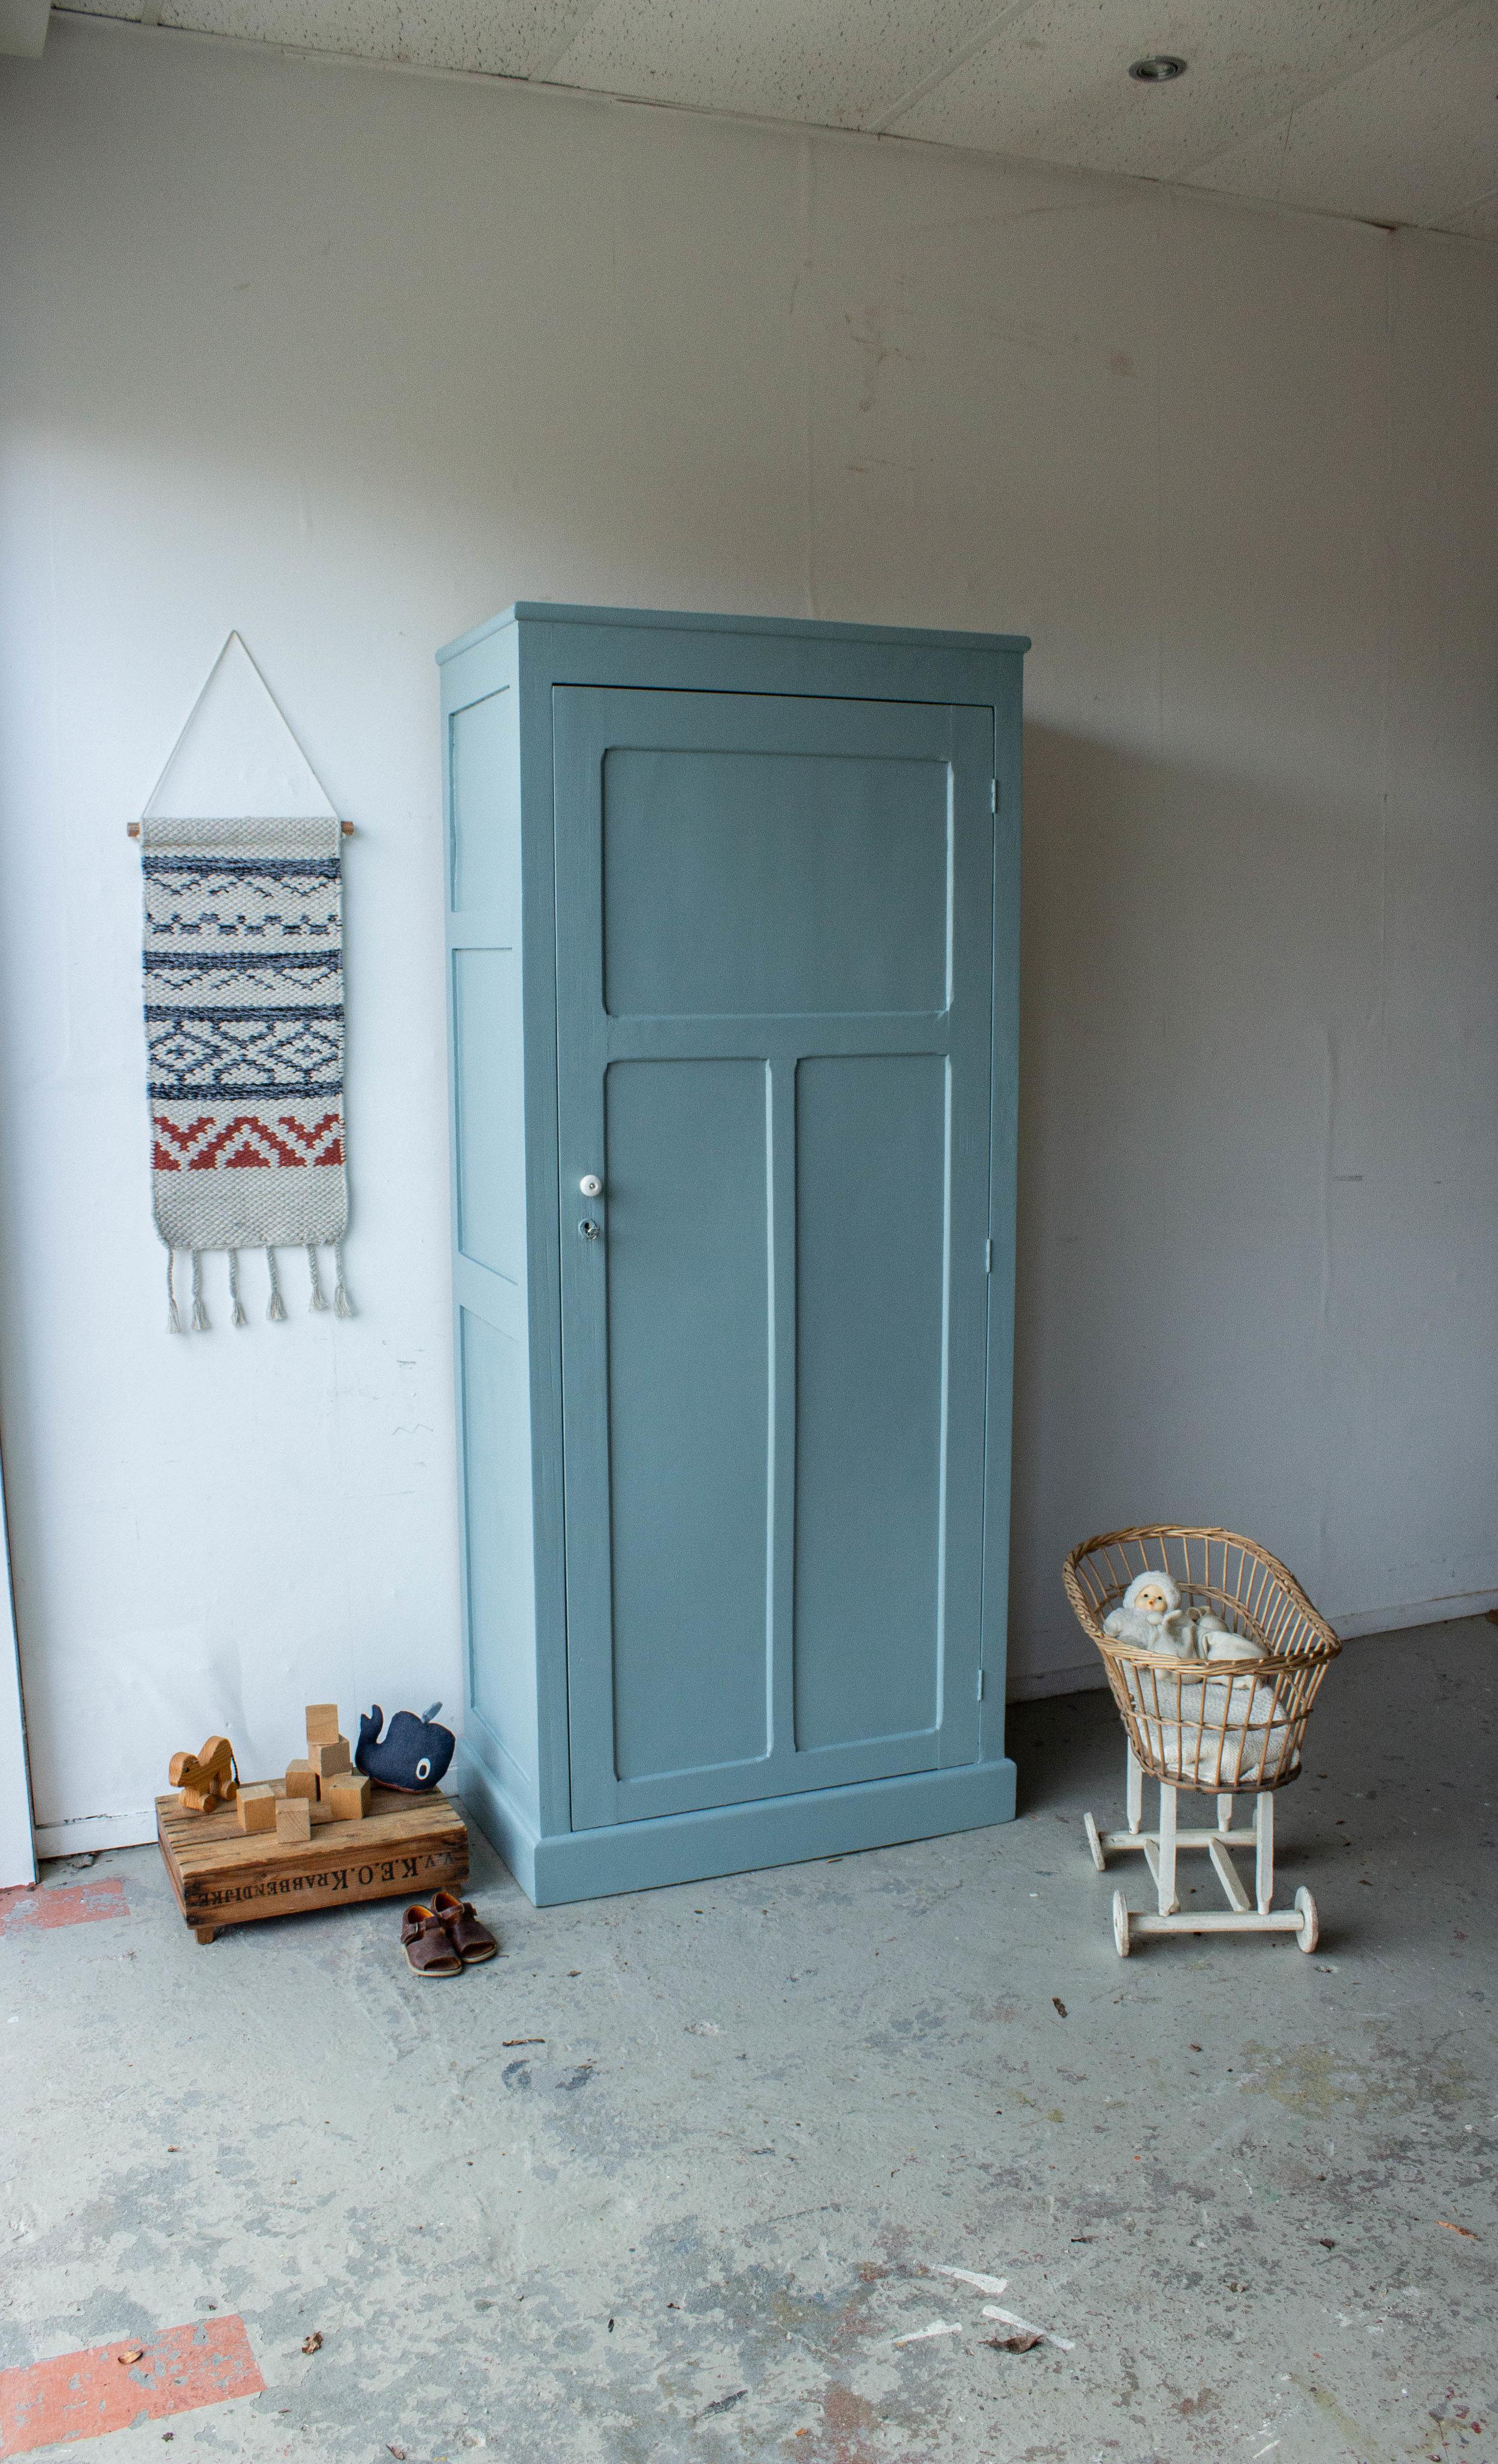 1443 - Grijsblauwe vintage kledingkast-2.jpg